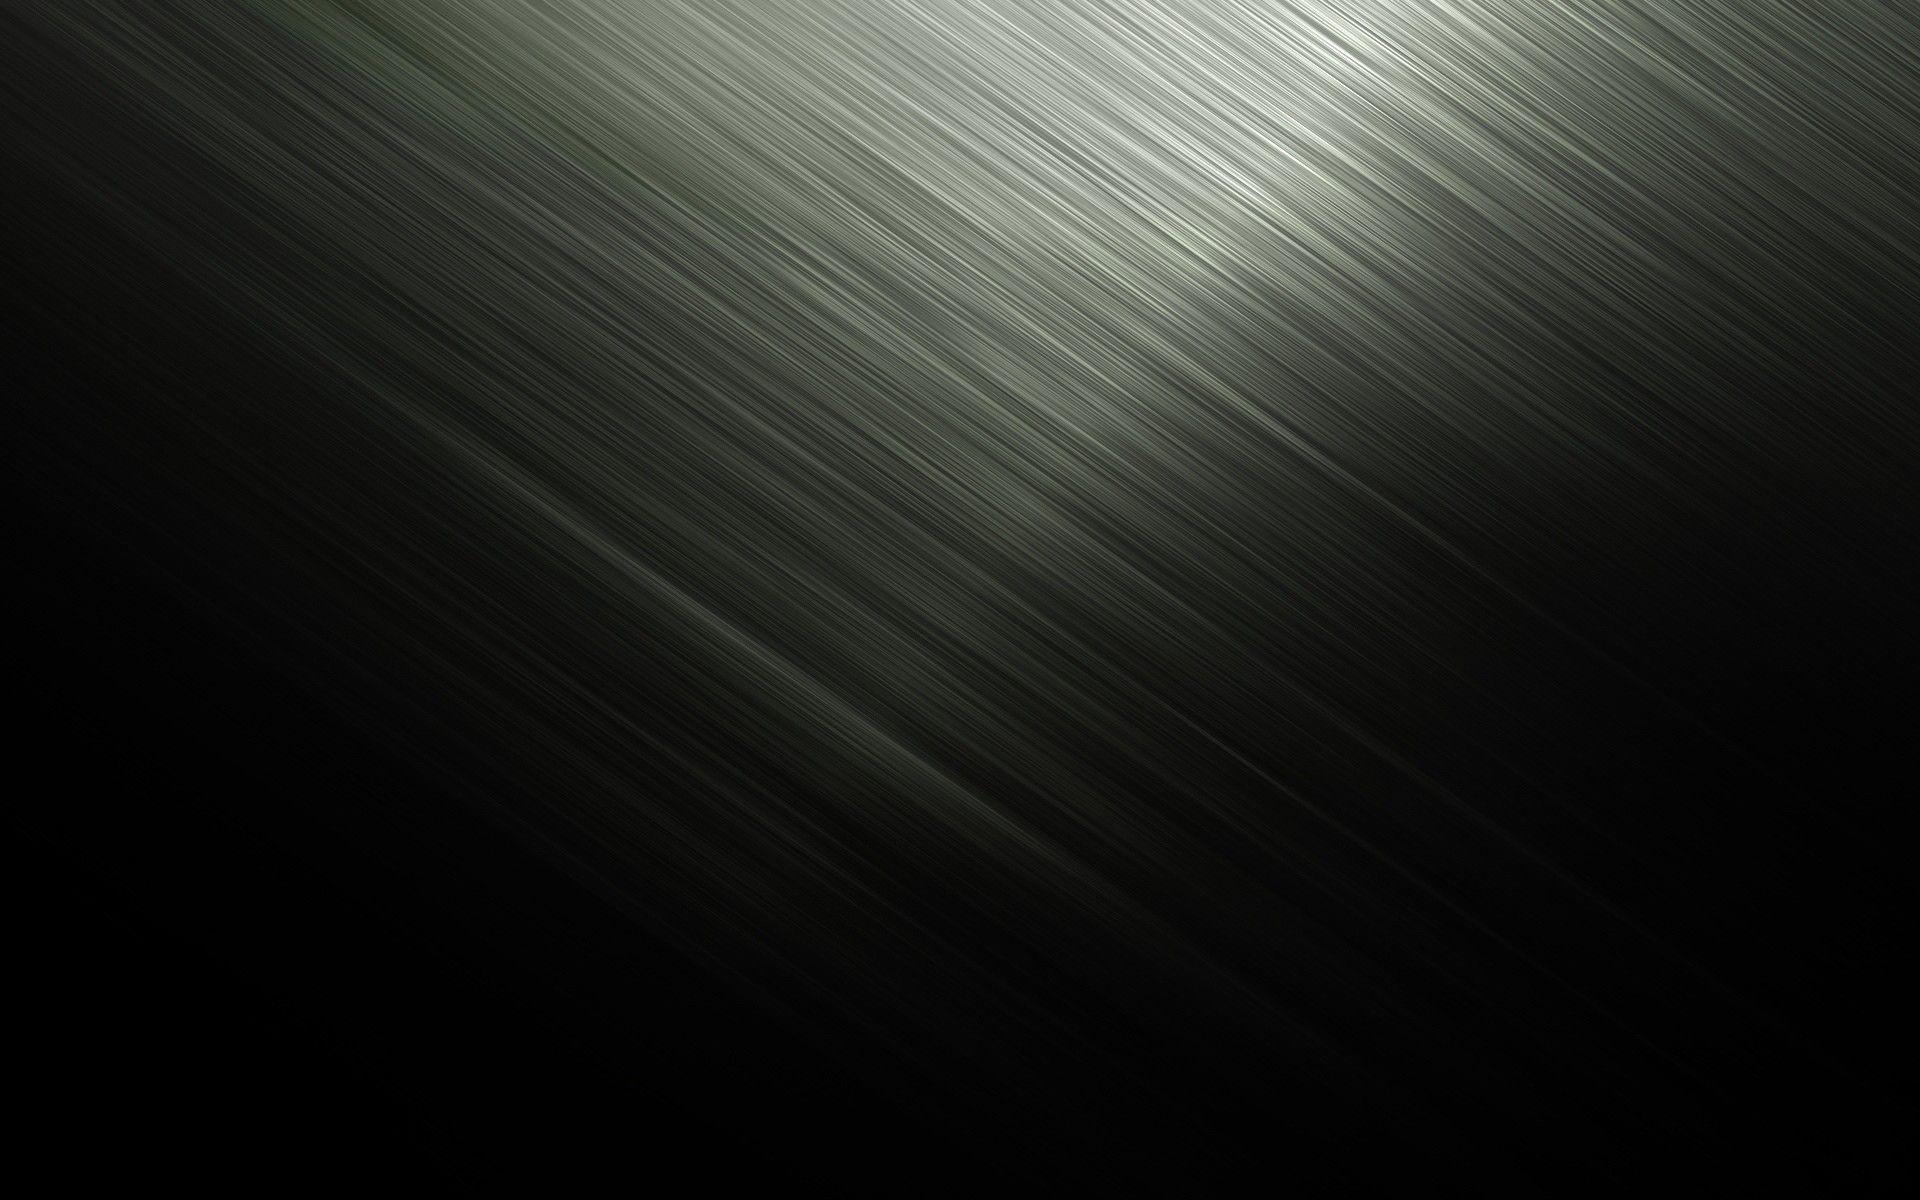 Fond D Ecran Noir Hdwplan Abstract Wallpaper Dark Wallpaper Black Wallpaper